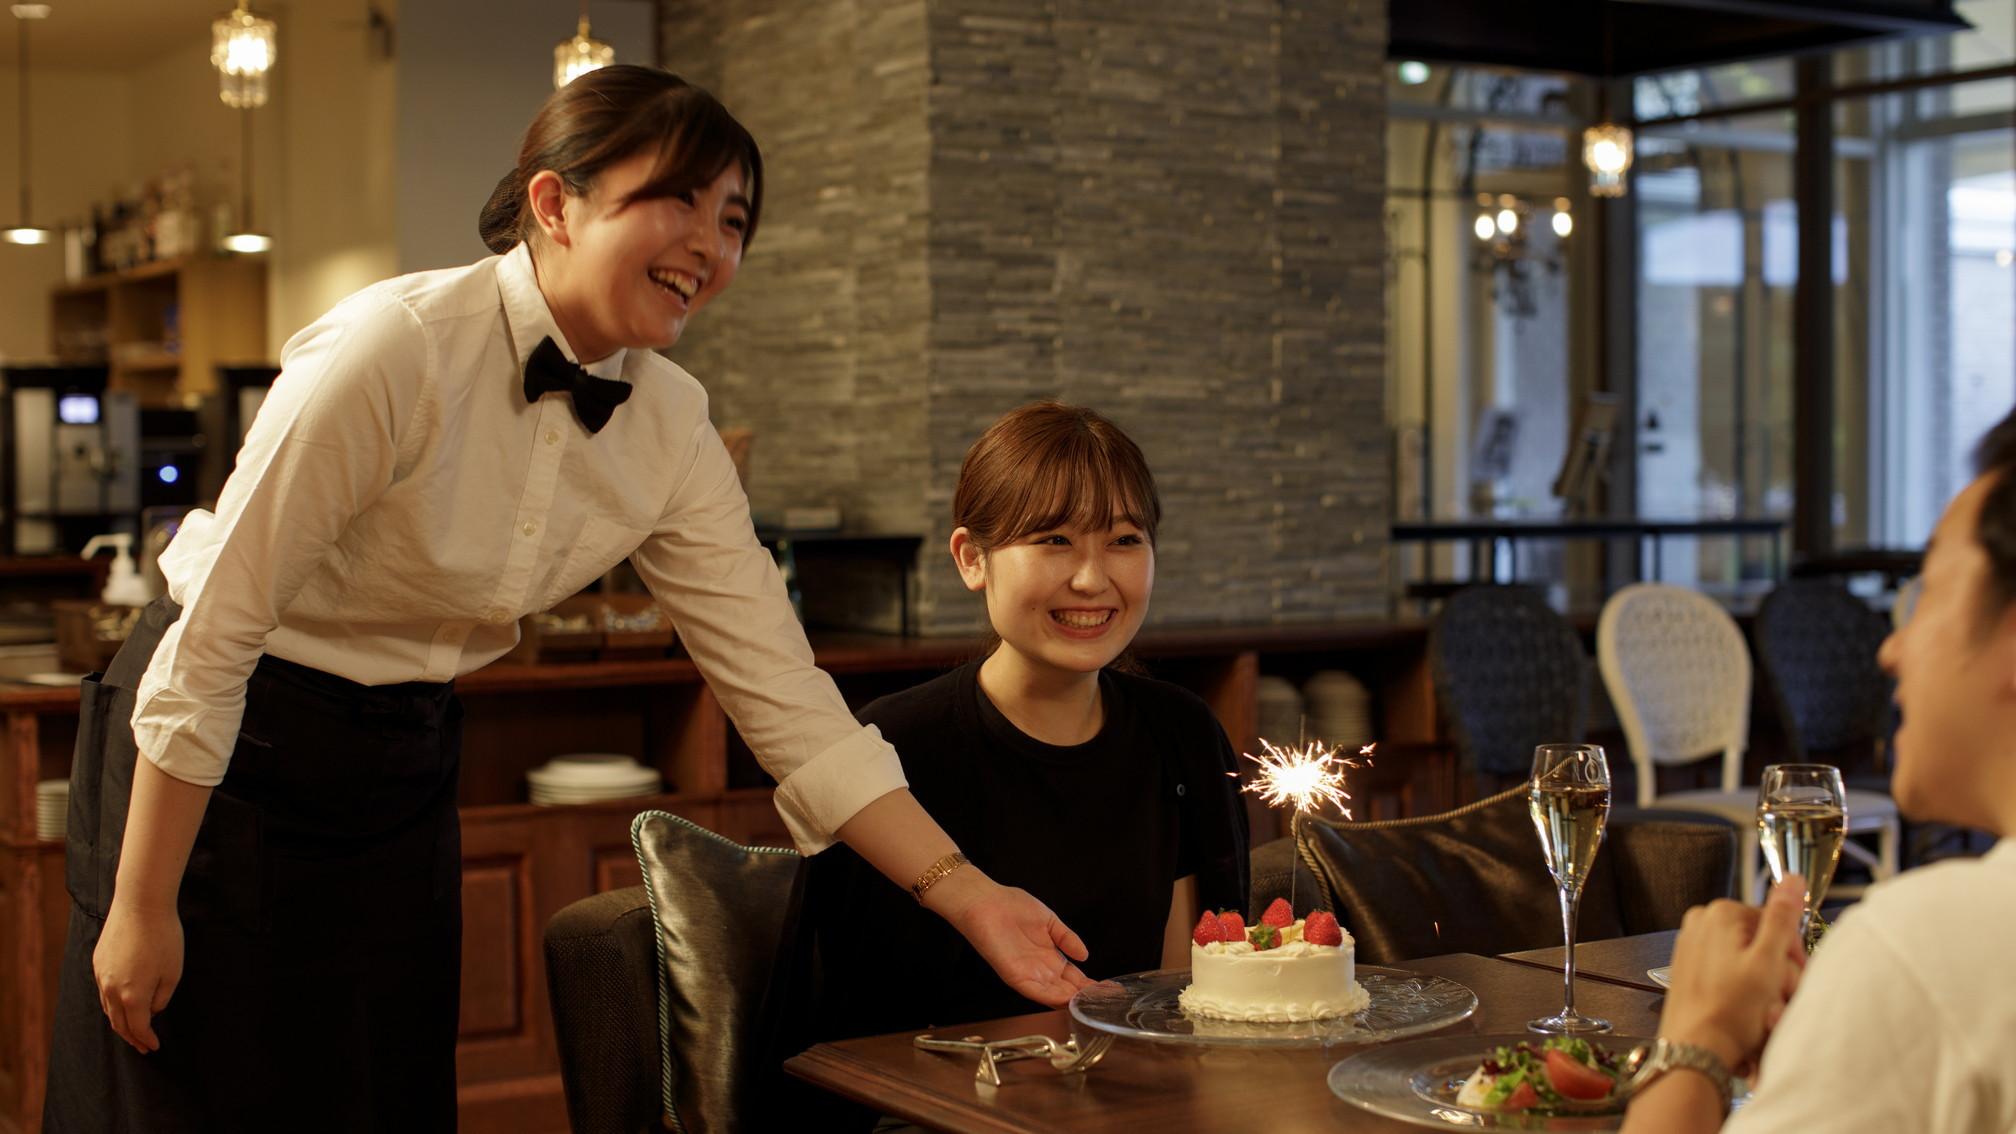 【Happy Anniversary】 大切な人とお祝い!お部屋で乾杯ドリンク&夕・朝食付